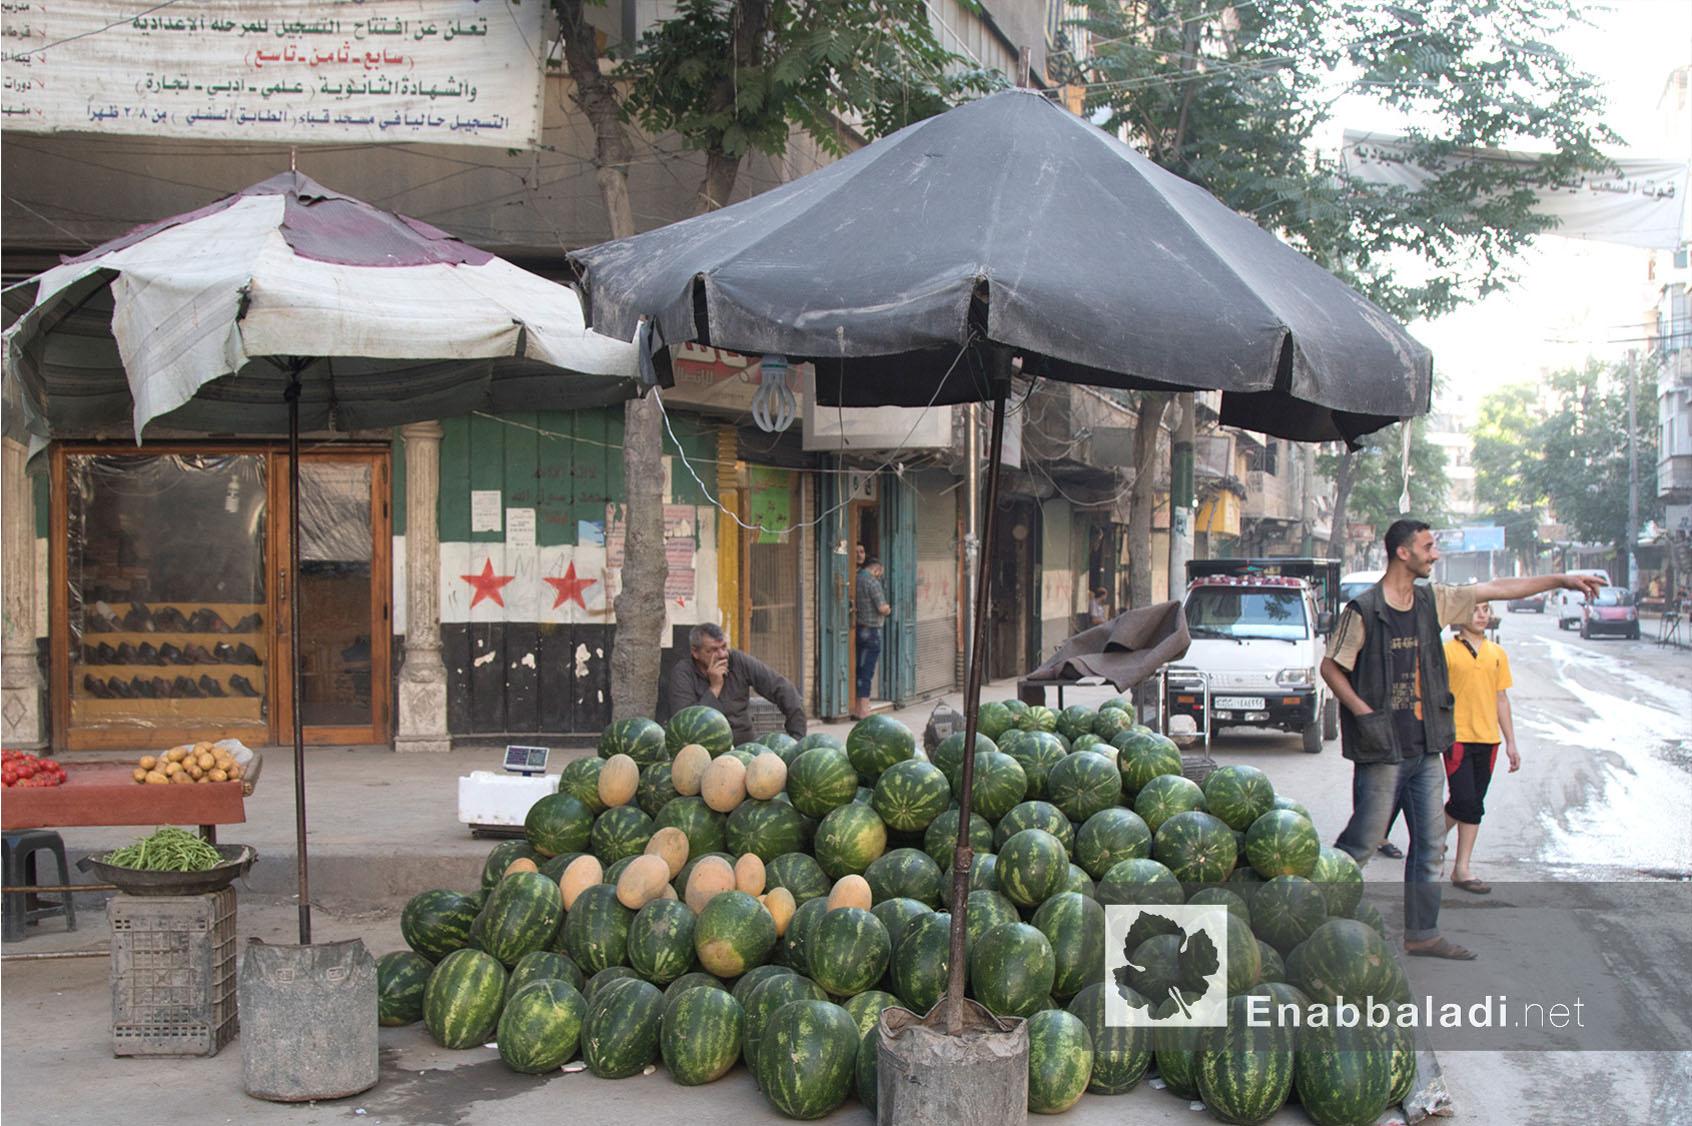 بسطة بطيخ في أحد أحياء حلب - 13 حزيران 2016 - (عنب بلدي)